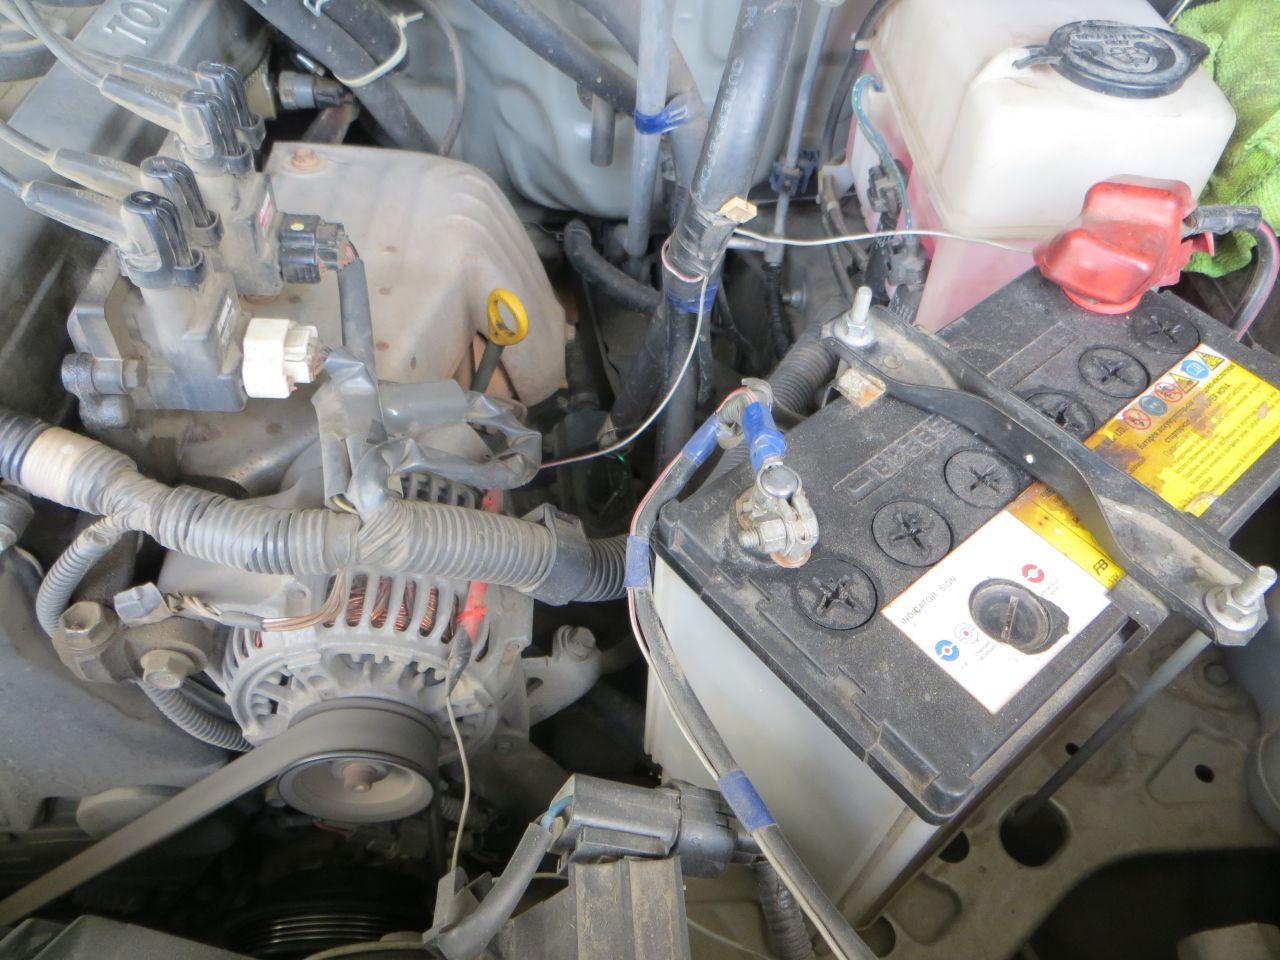 Геркон управления ходовыми огнями. На генераторе (красный). Сам геркон стеклянный и спрятан в термоусадку. Эксплуатирую уже 2 года.